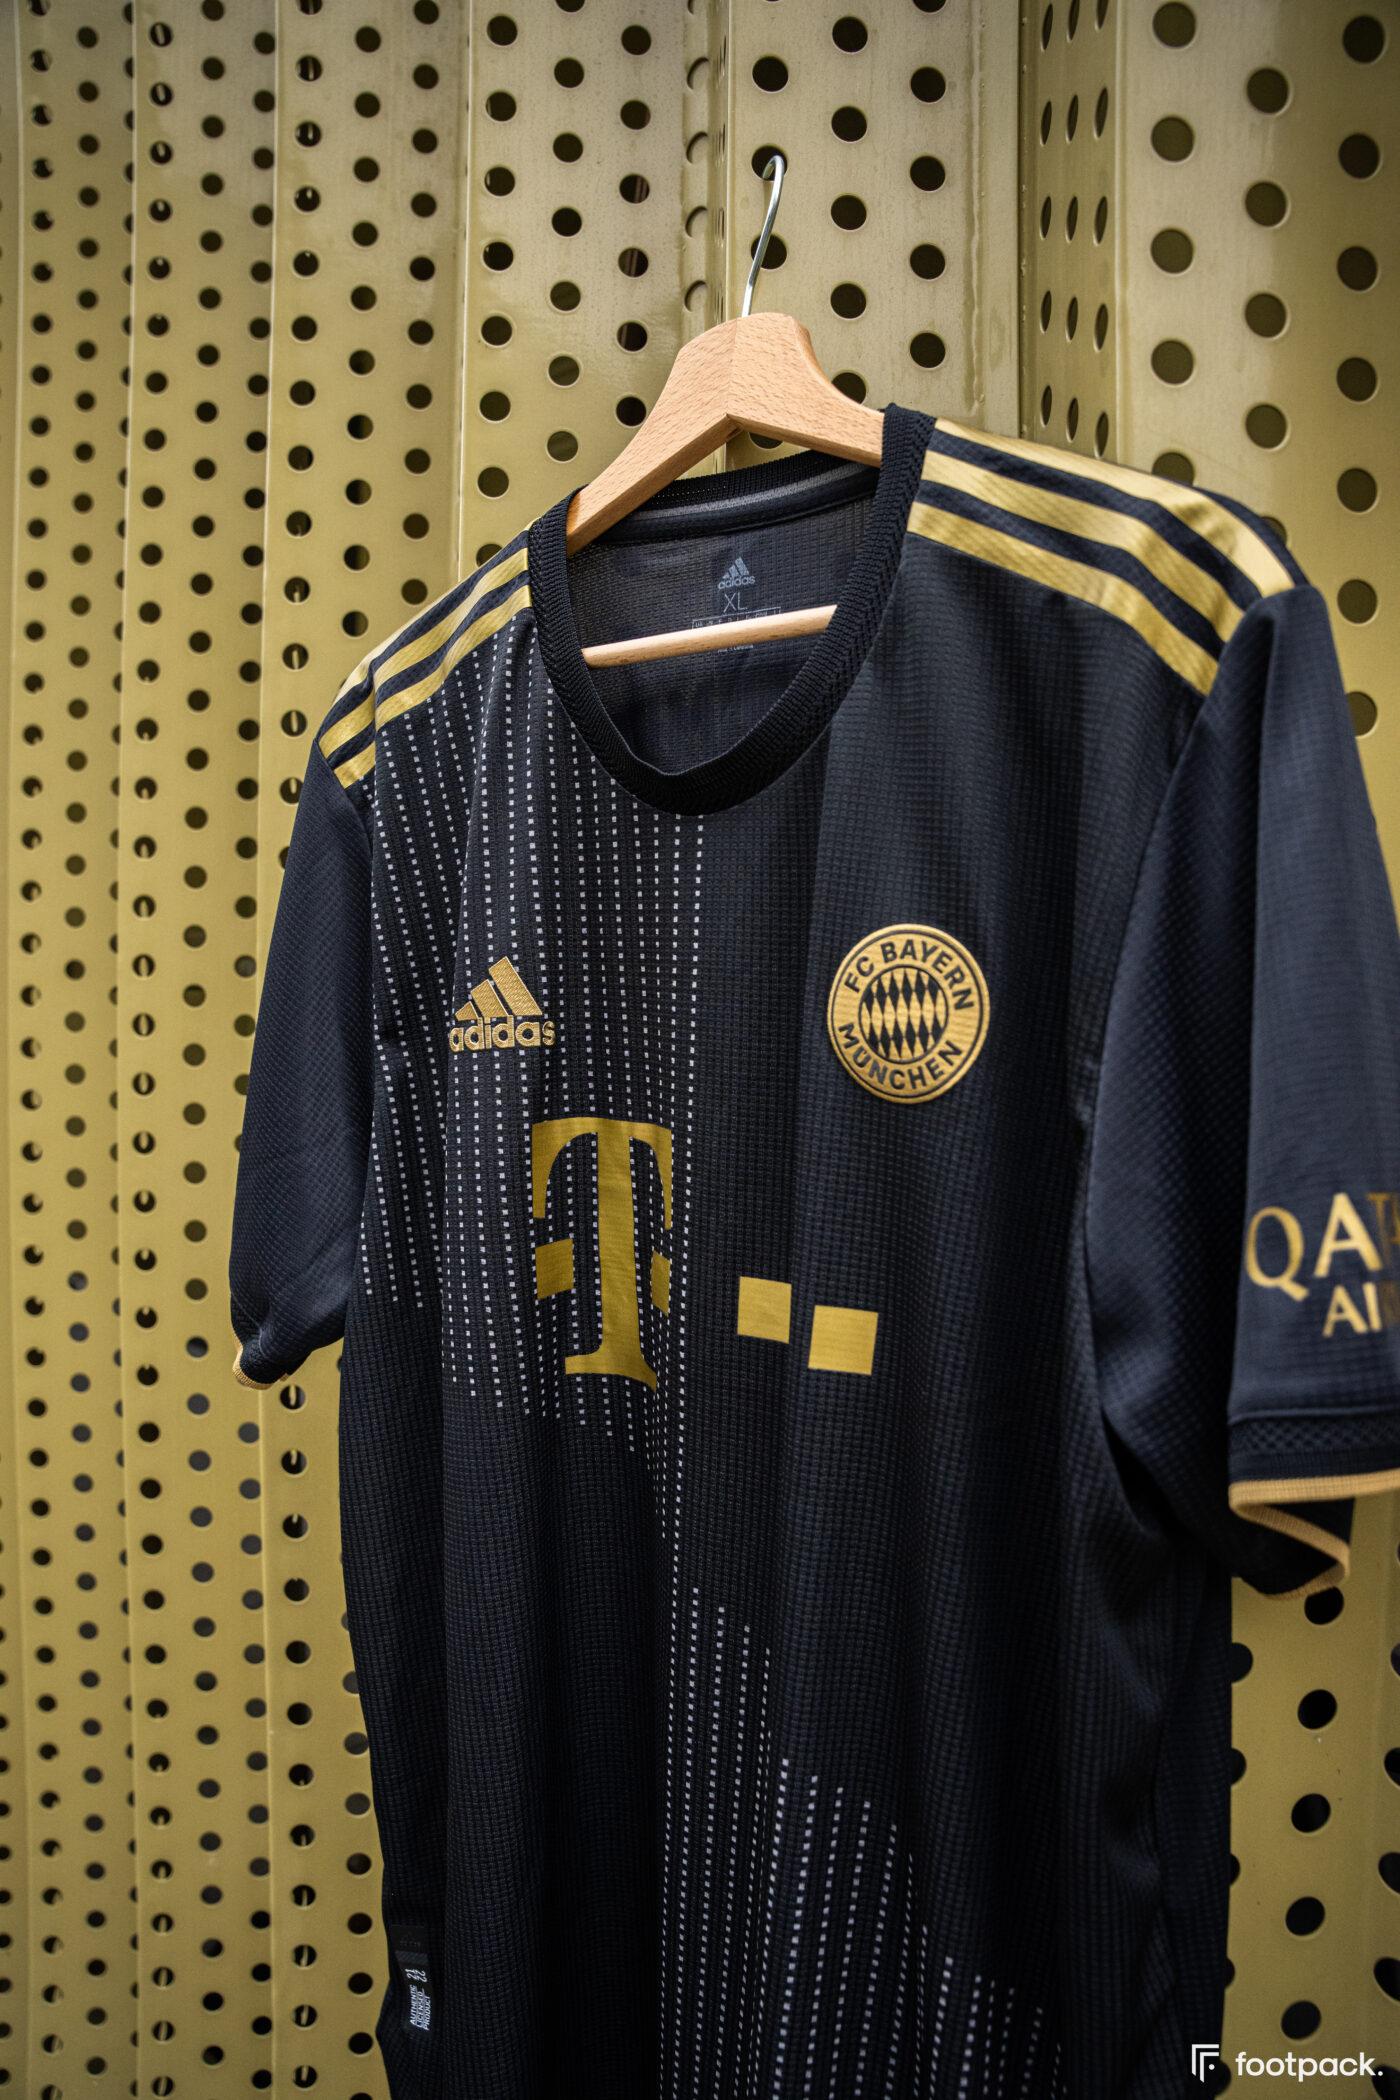 Maillot Bayern Munich 2021-2022 extérieur - footpack